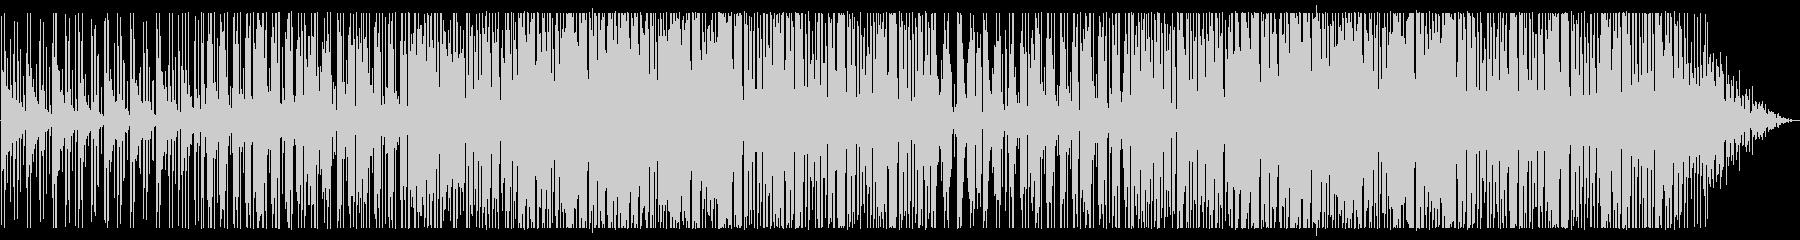 都会/優しさ/R&B_No436の未再生の波形